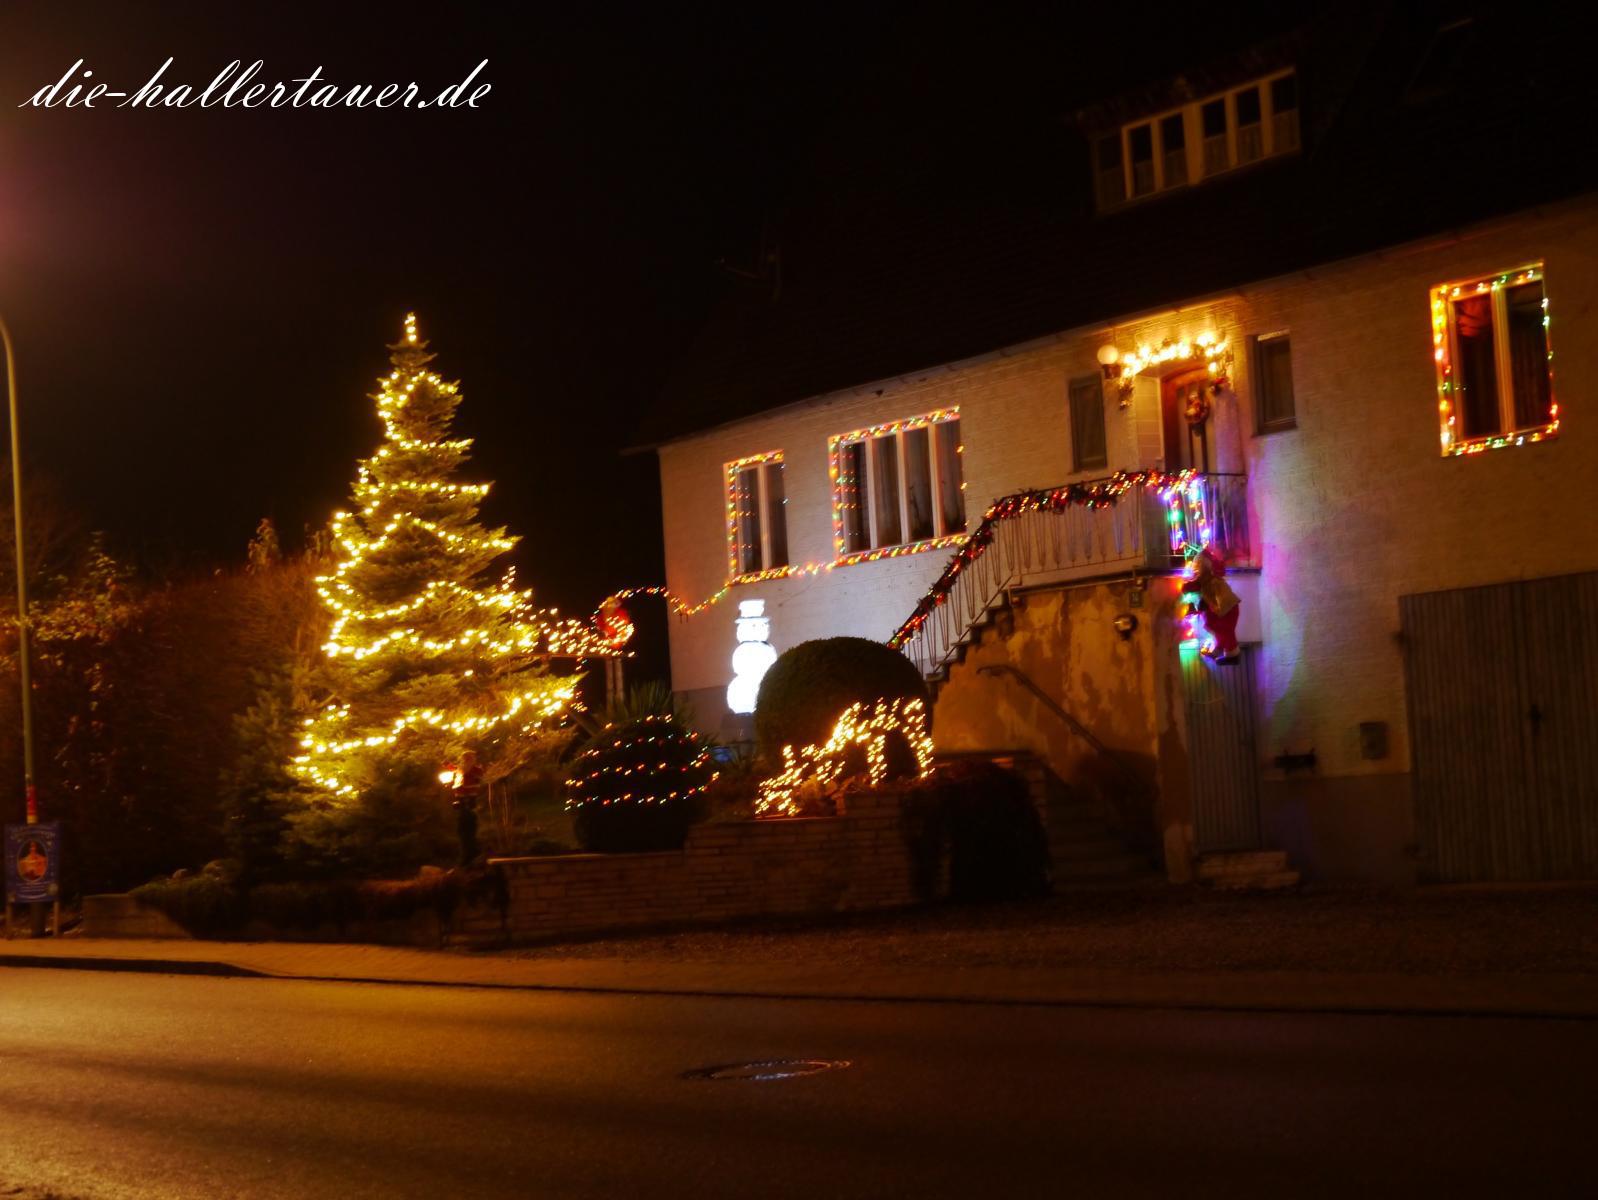 Weihnachtsbeleuchtung in Seyersdorf